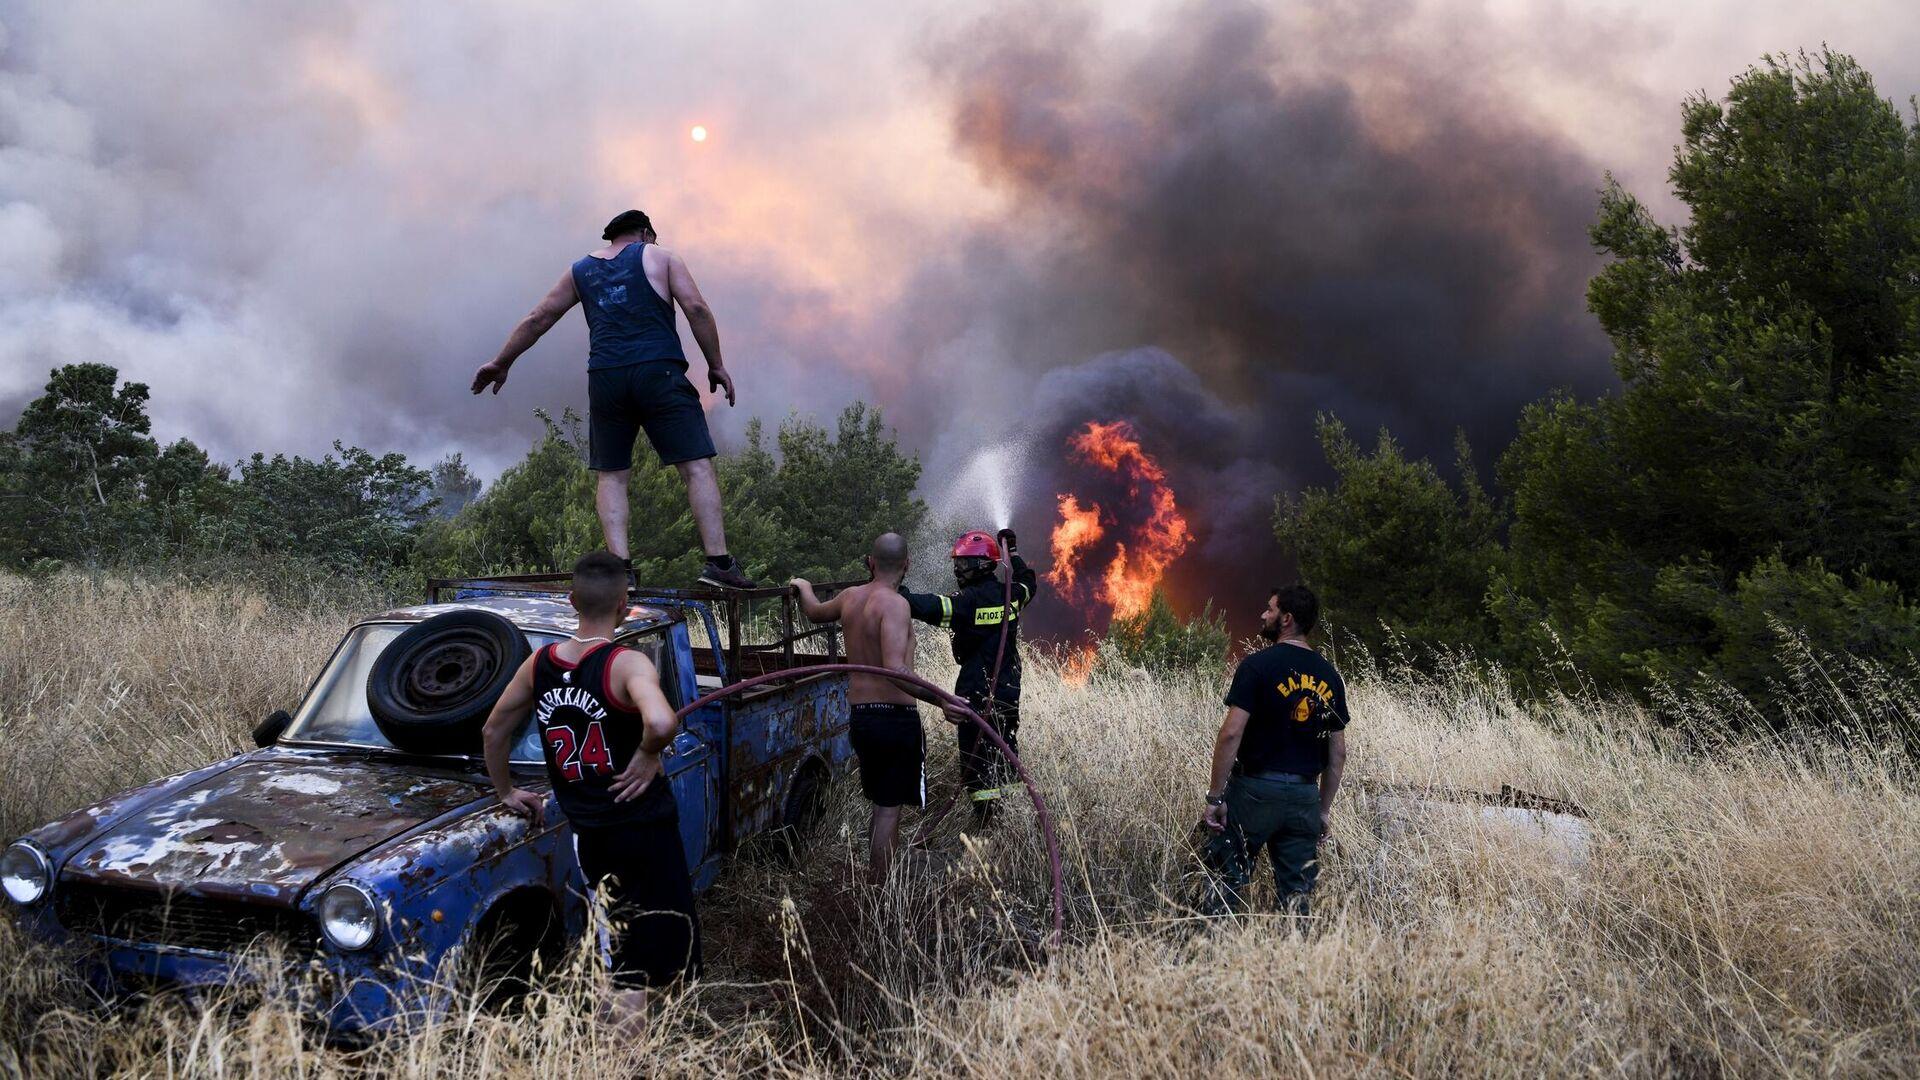 Στη μάχη με τις φλόγες και οι κάτοικοι στην Βαρυμπόμπη - Sputnik Ελλάδα, 1920, 05.08.2021